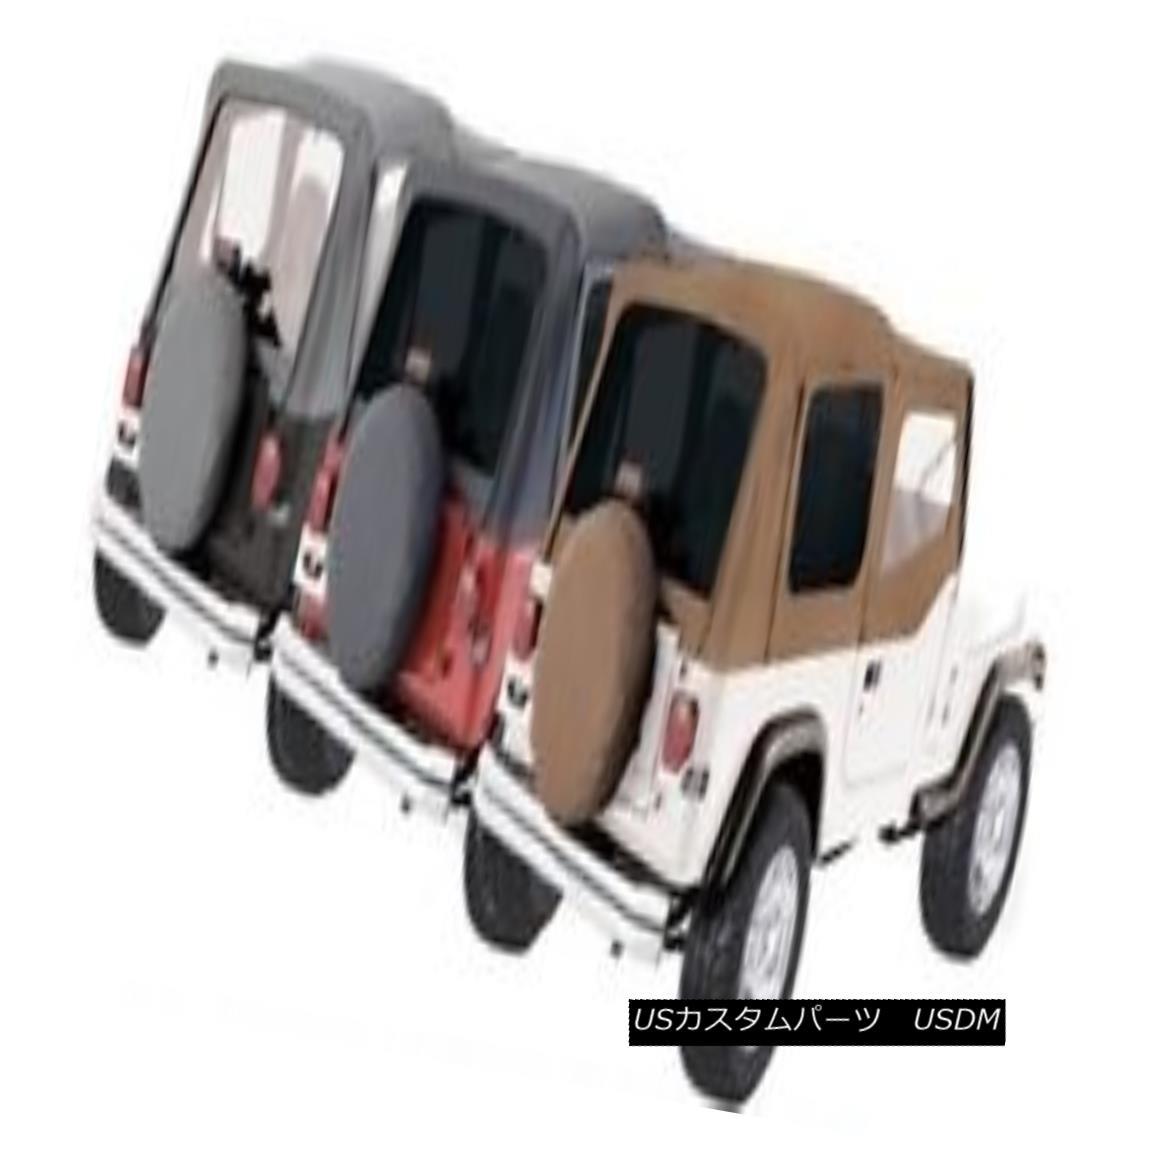 幌・ソフトトップ Rampage Factory Replacement Soft Top 88-95 Jeep Wrangler YJ 99417 Spice Denim 暴走工場交換ソフトトップ88-95ジープラングラーYJ 99417スパイスデニム